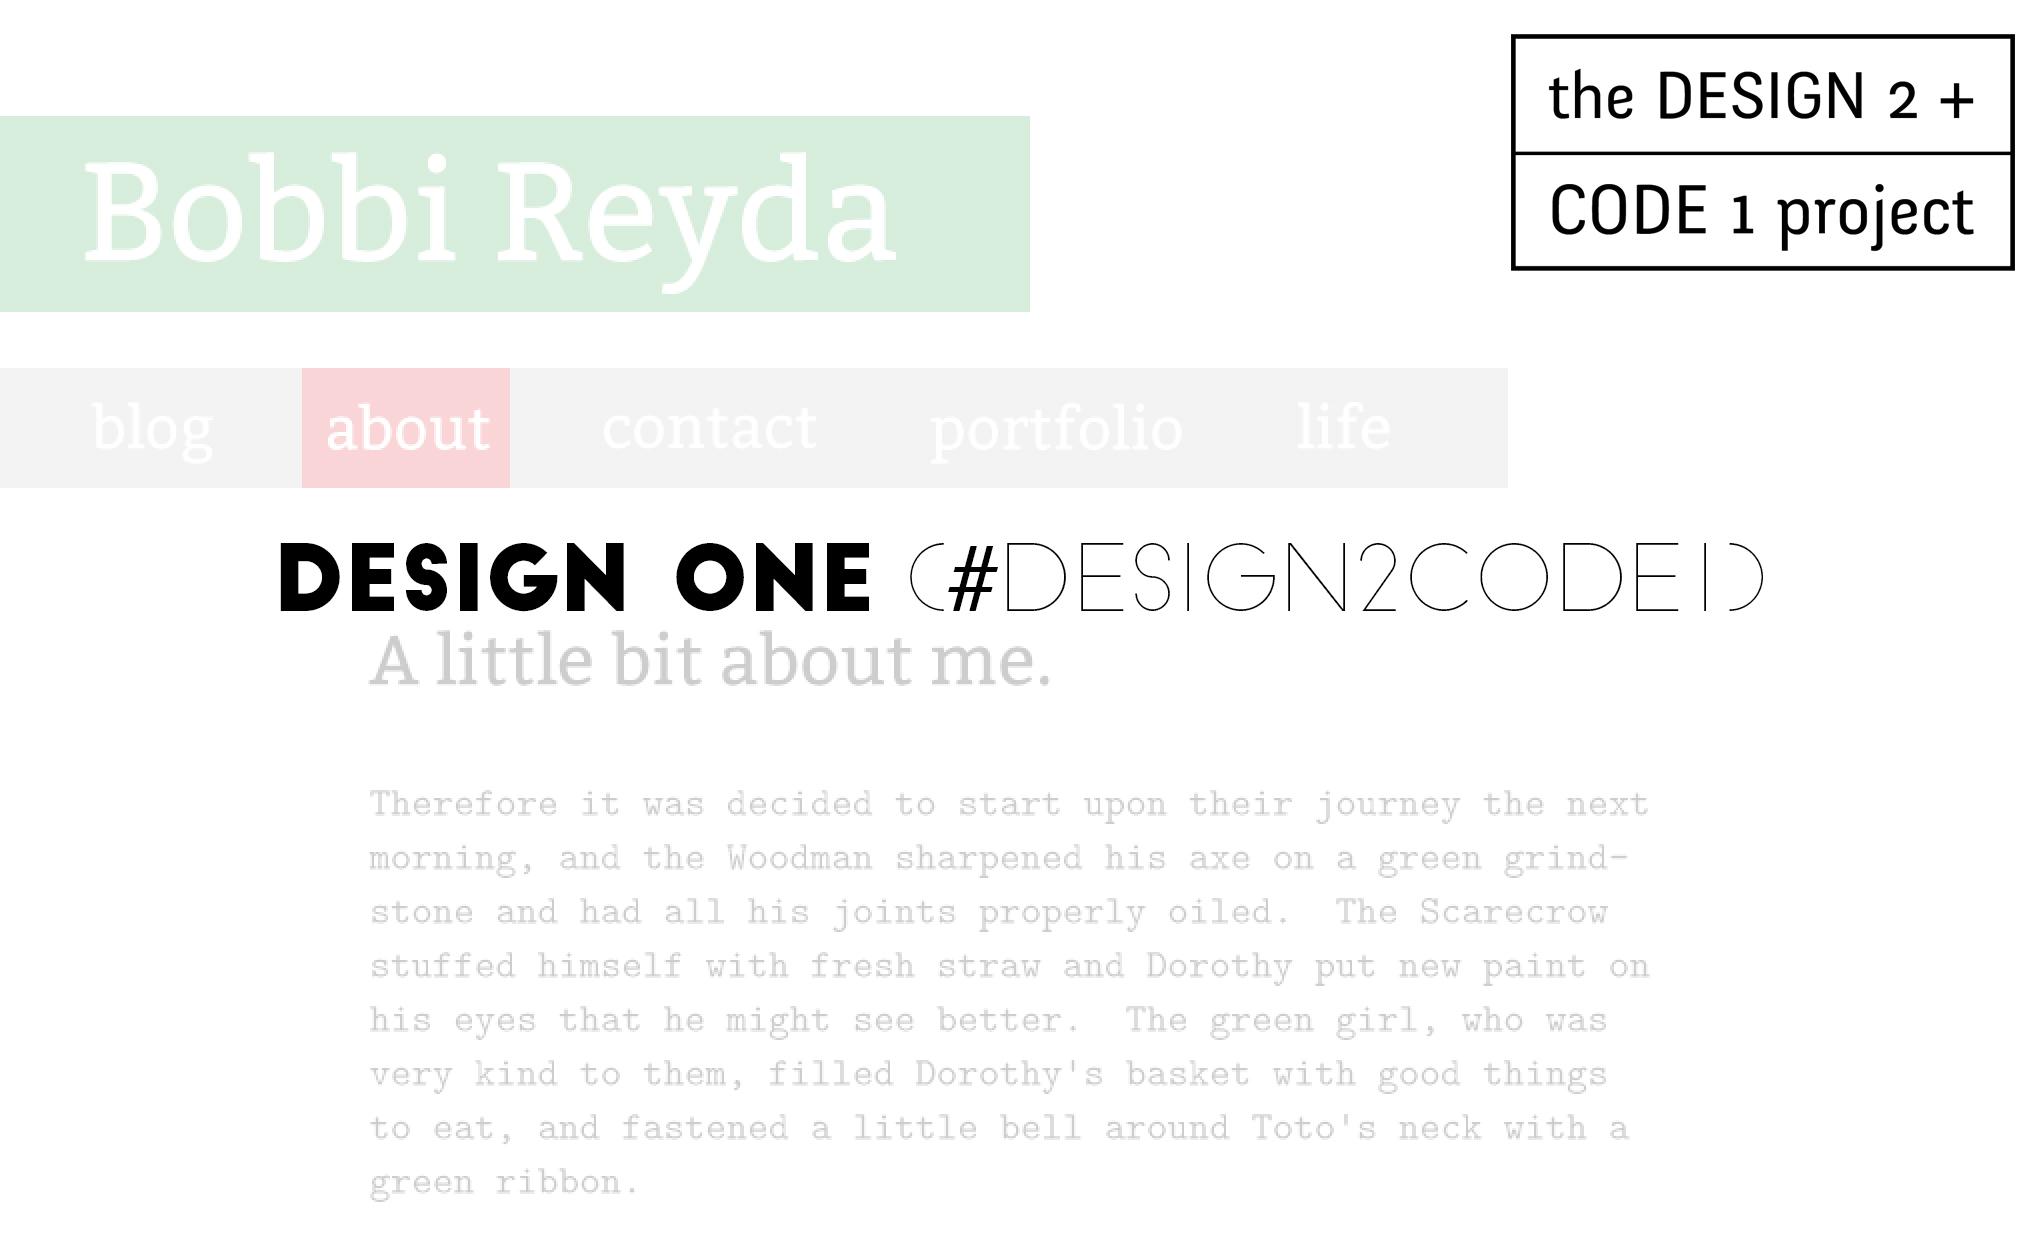 Design One (#design2code1)